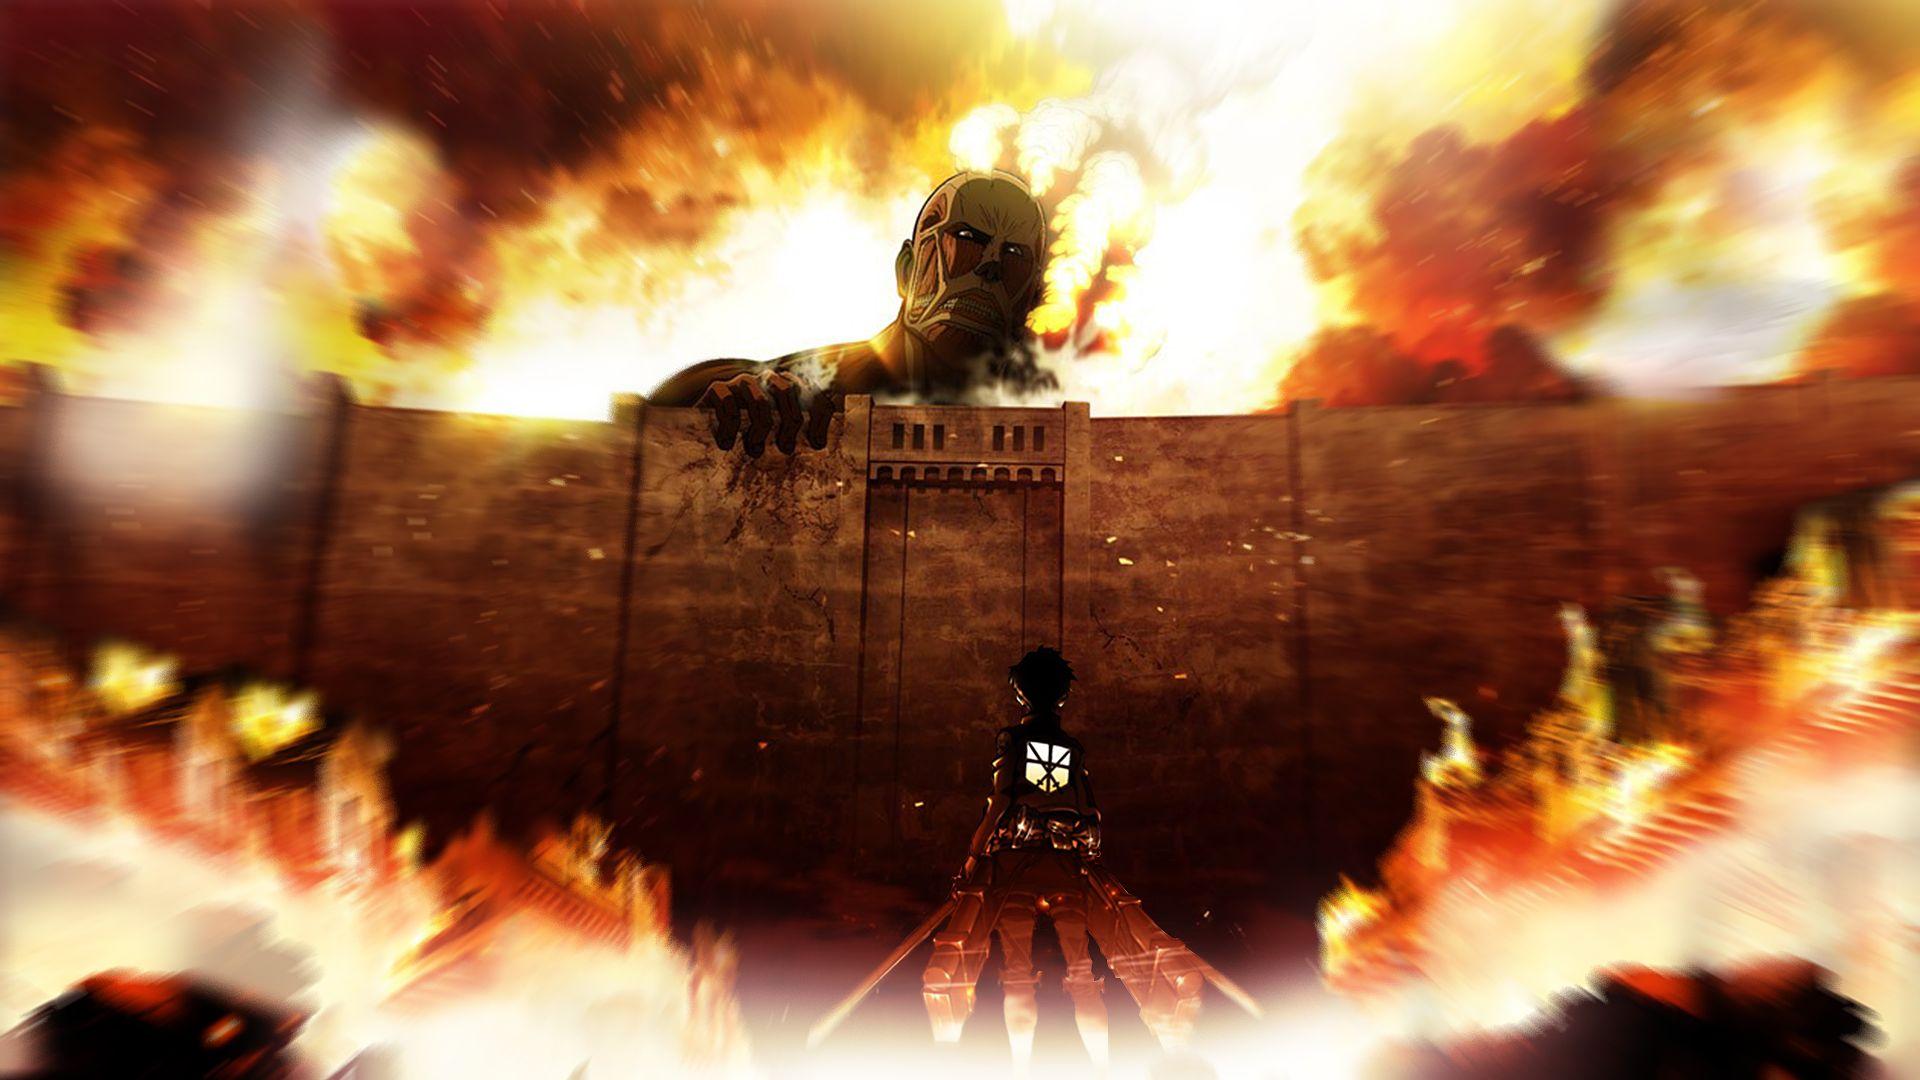 Attack Of The Titans Screensaver